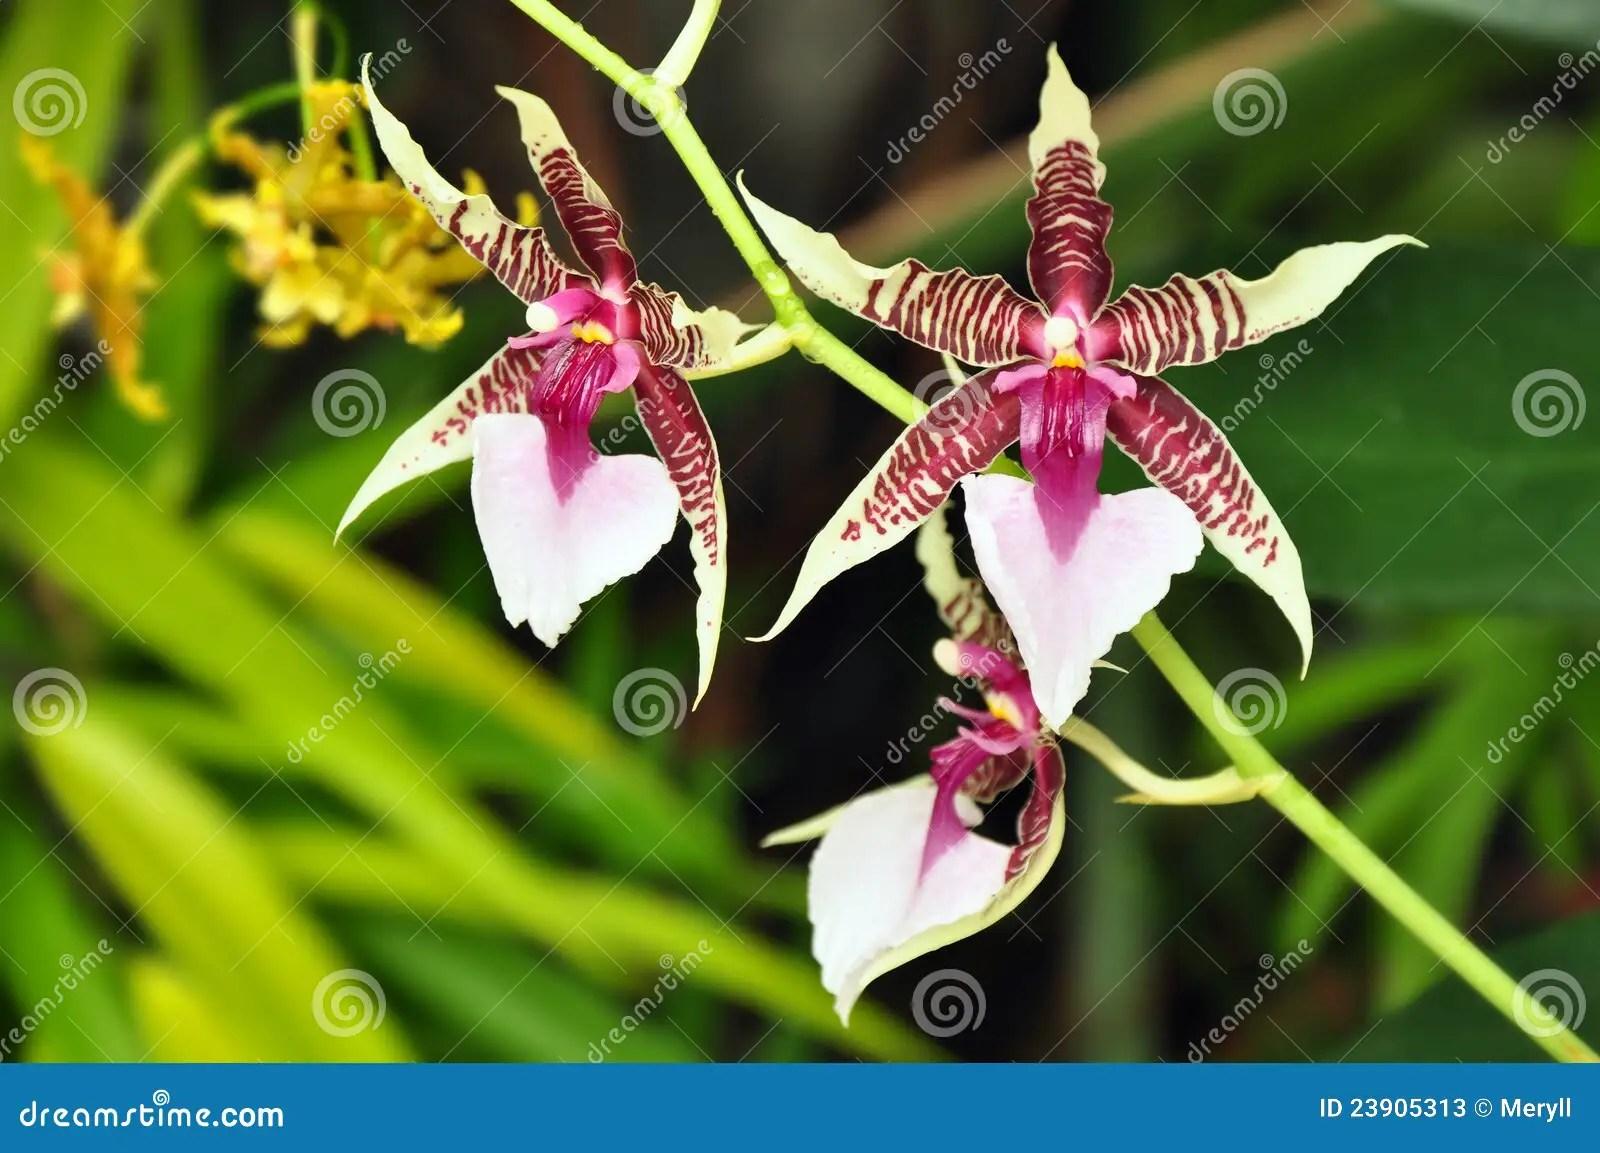 Fleur tropicale exotique image stock Image du rare fond  23905313